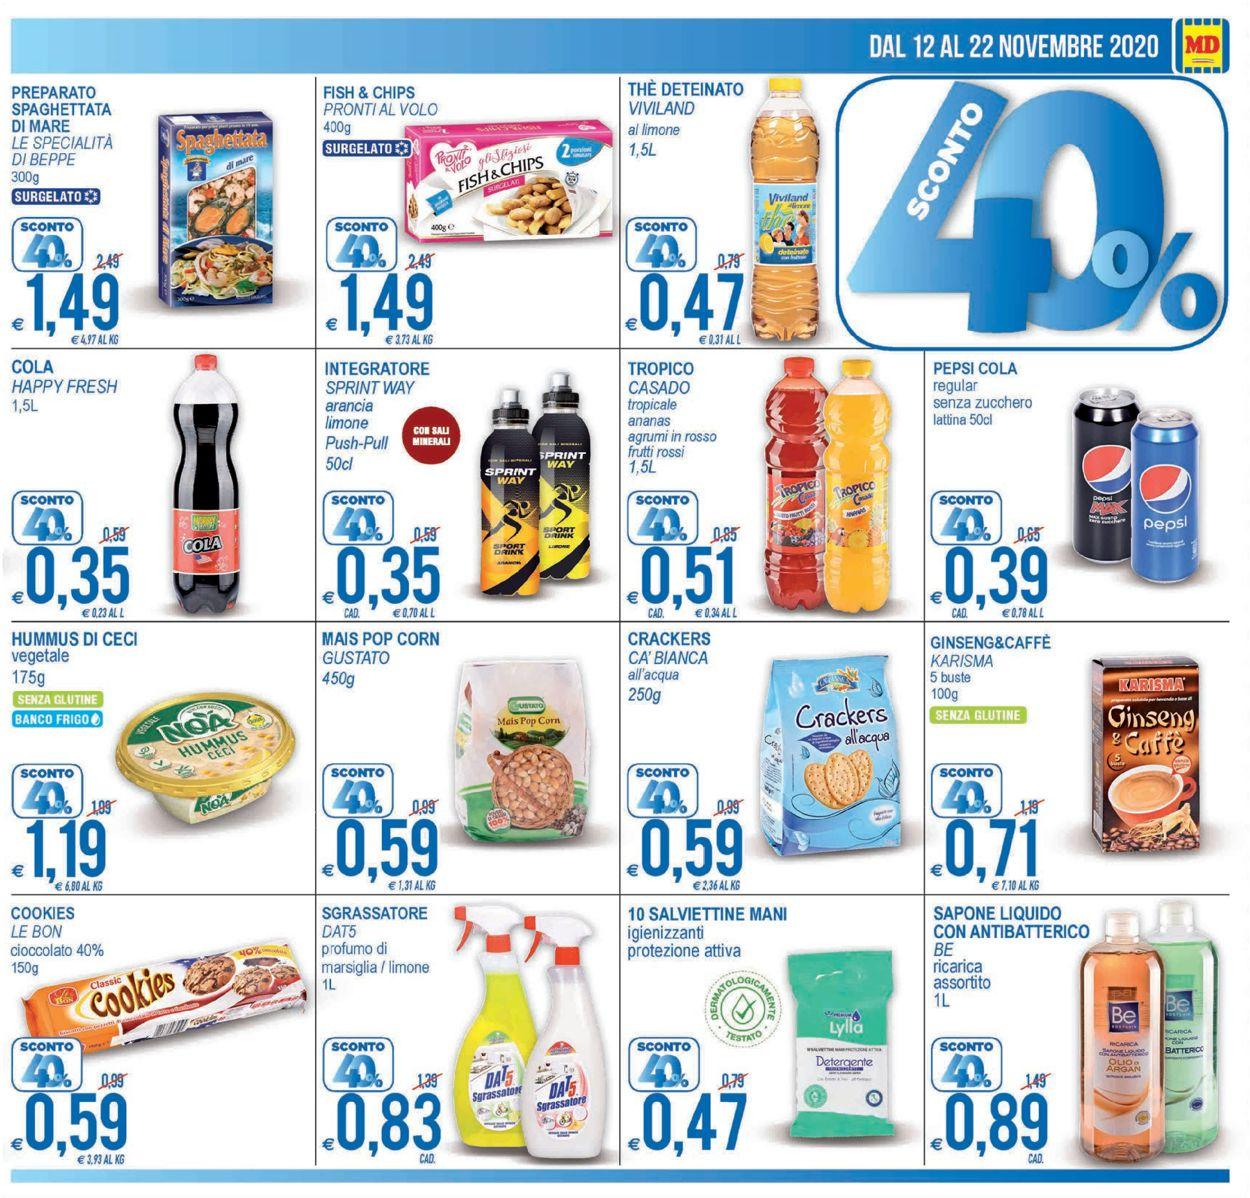 Volantino MD Discount - Offerte 12/11-22/11/2020 (Pagina 3)